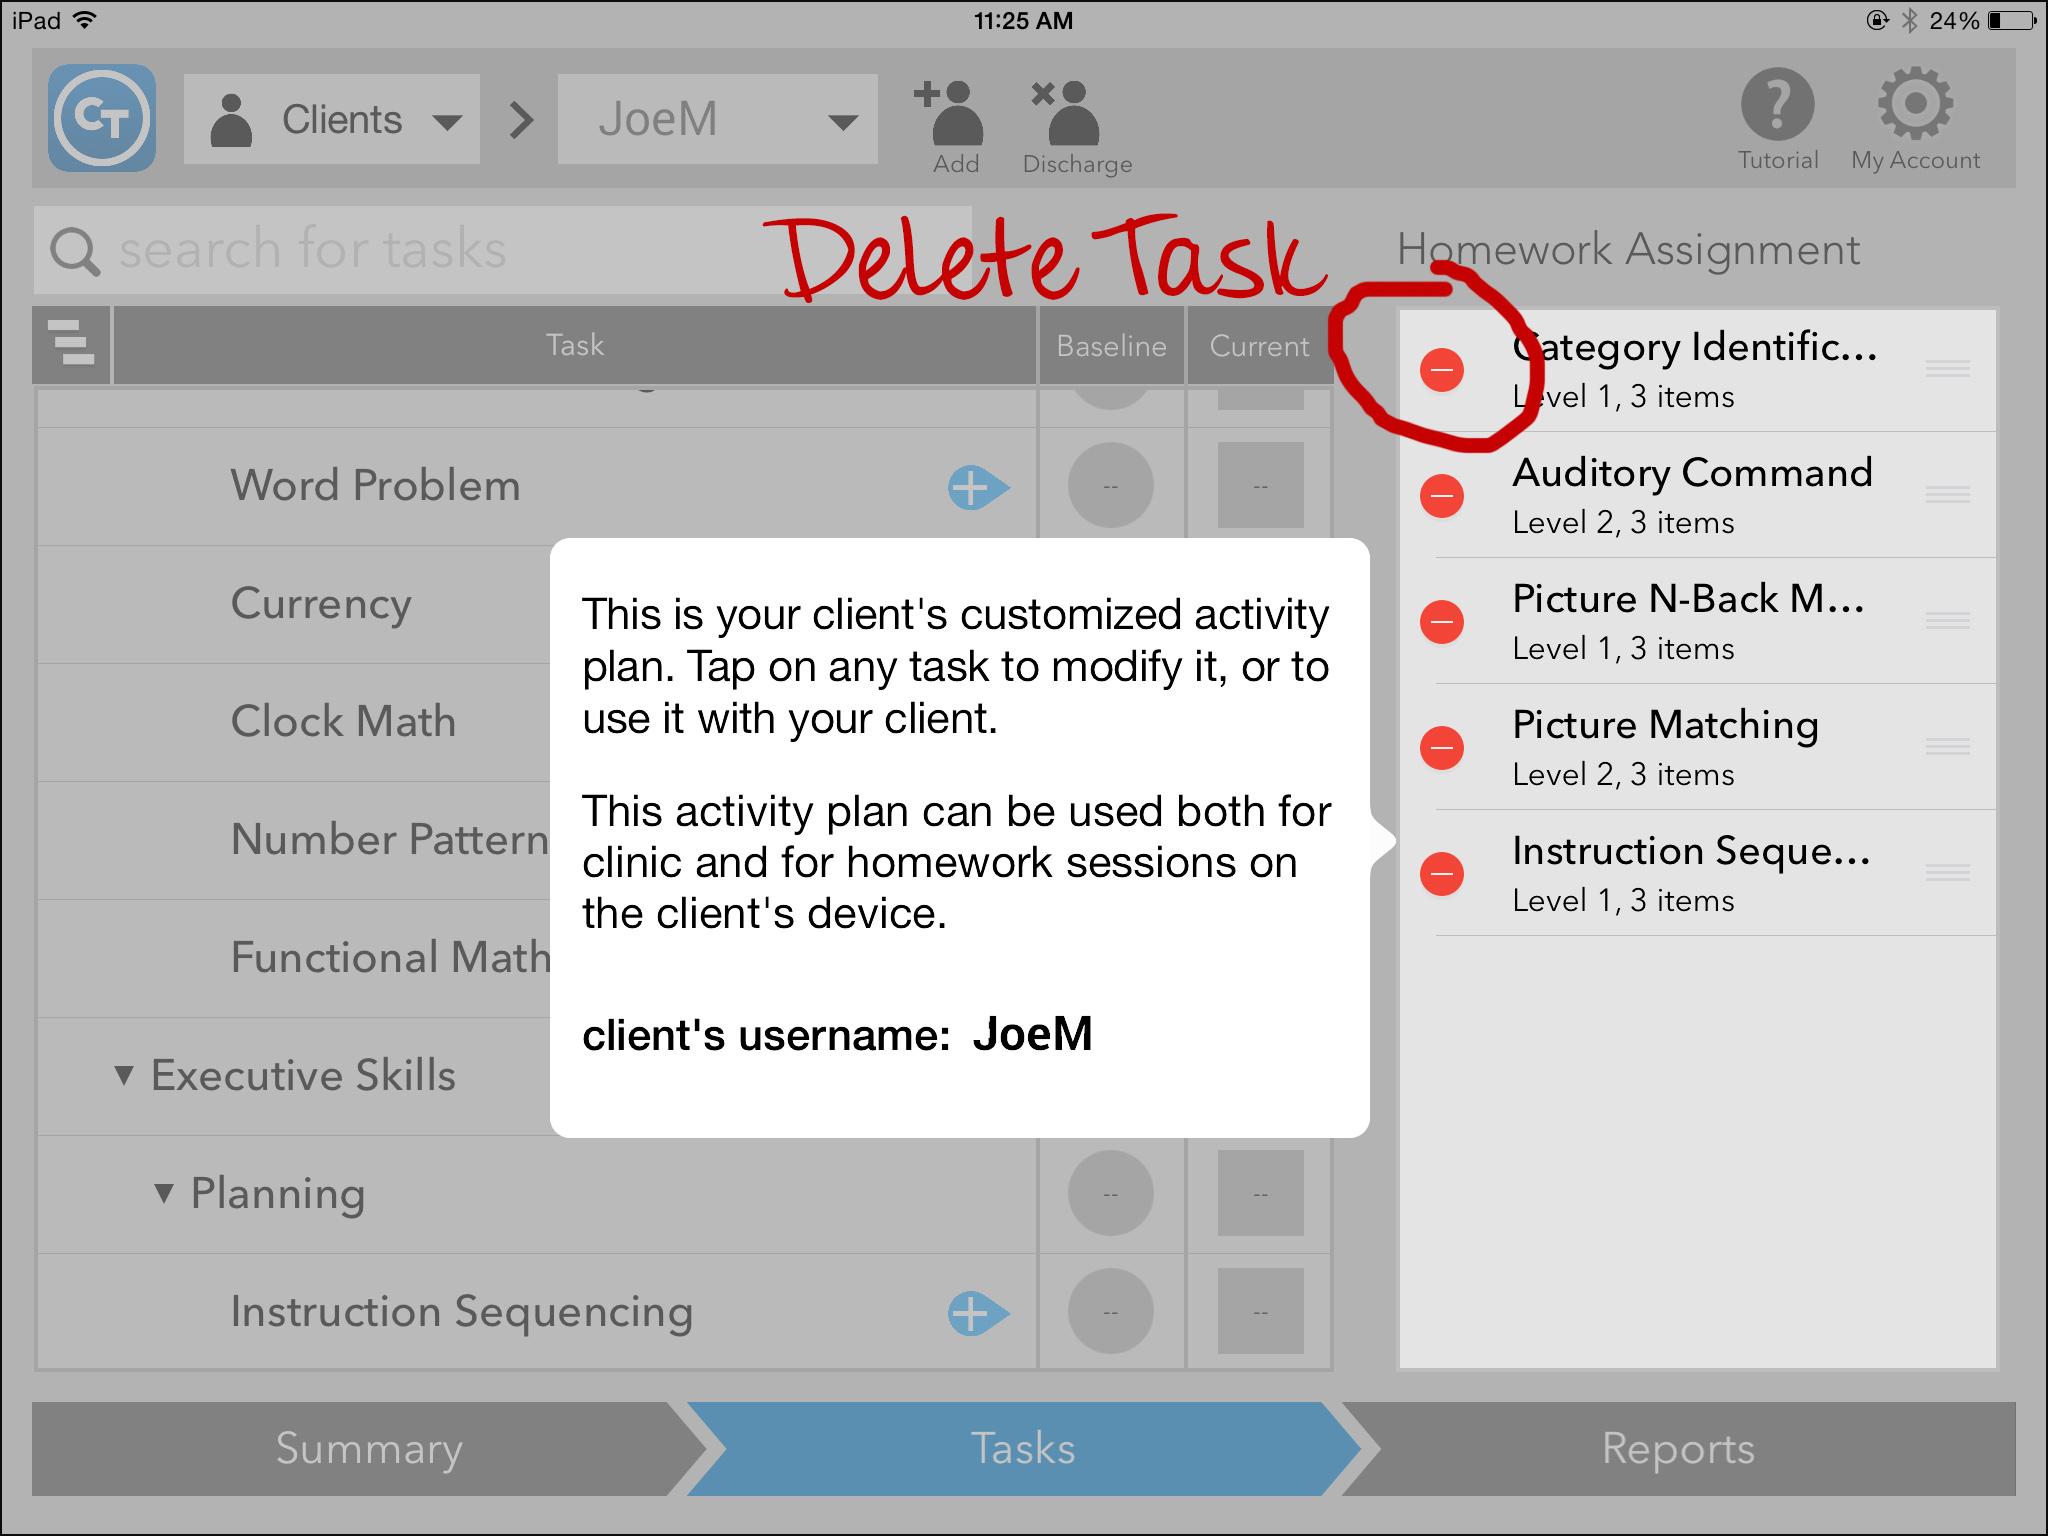 Delete task screen